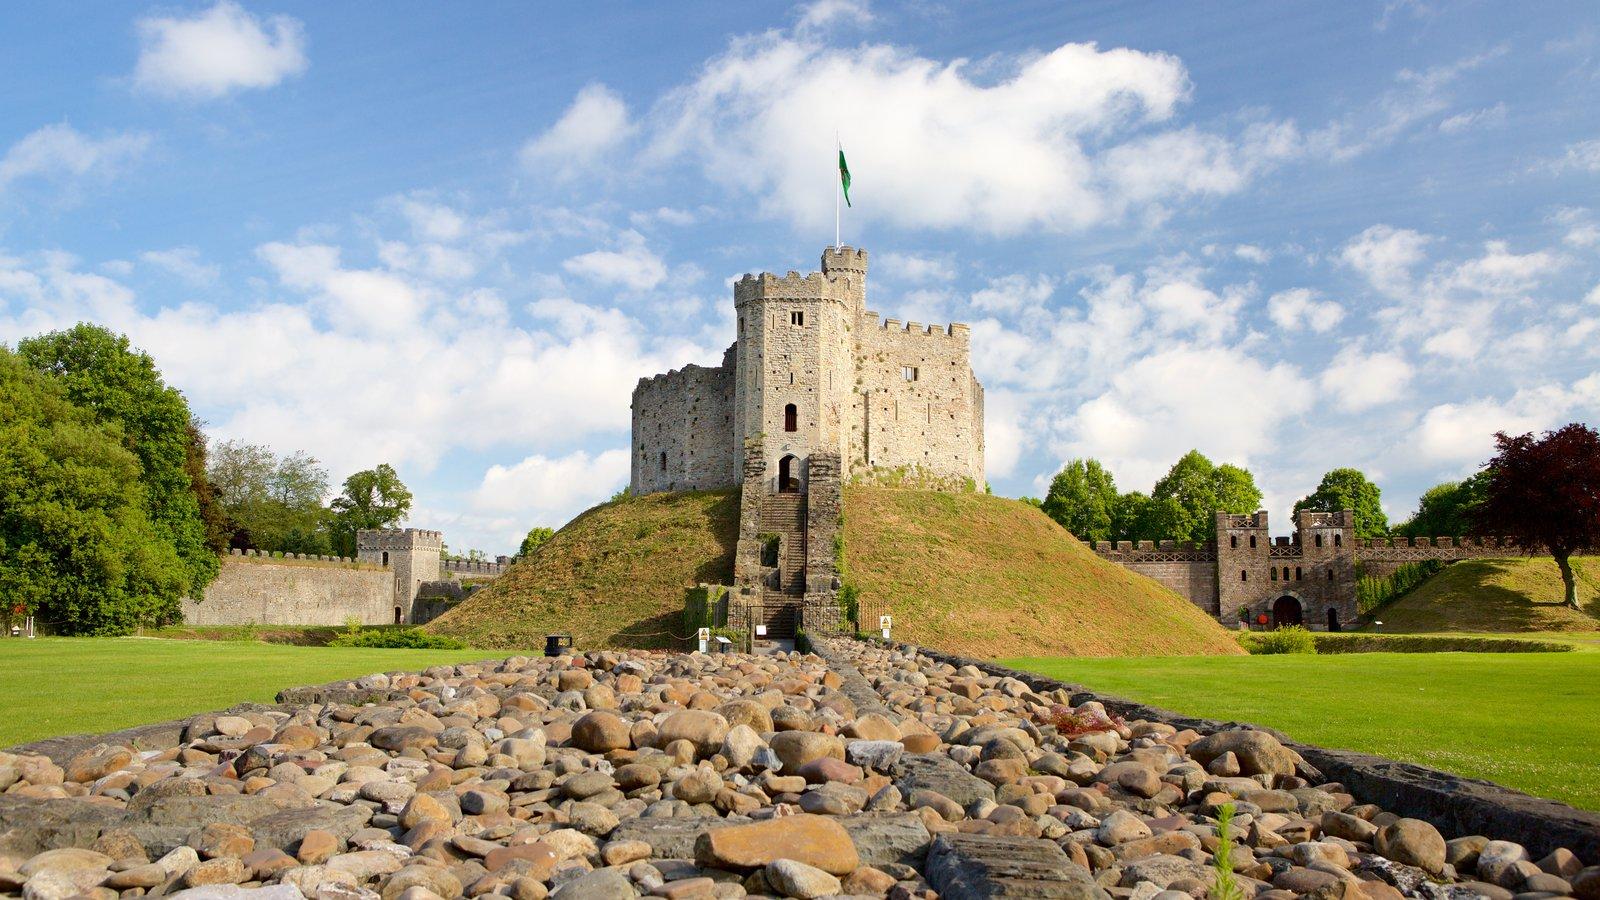 Castelo de Cardiff que inclui um pequeno castelo ou palácio, arquitetura de patrimônio e paisagem